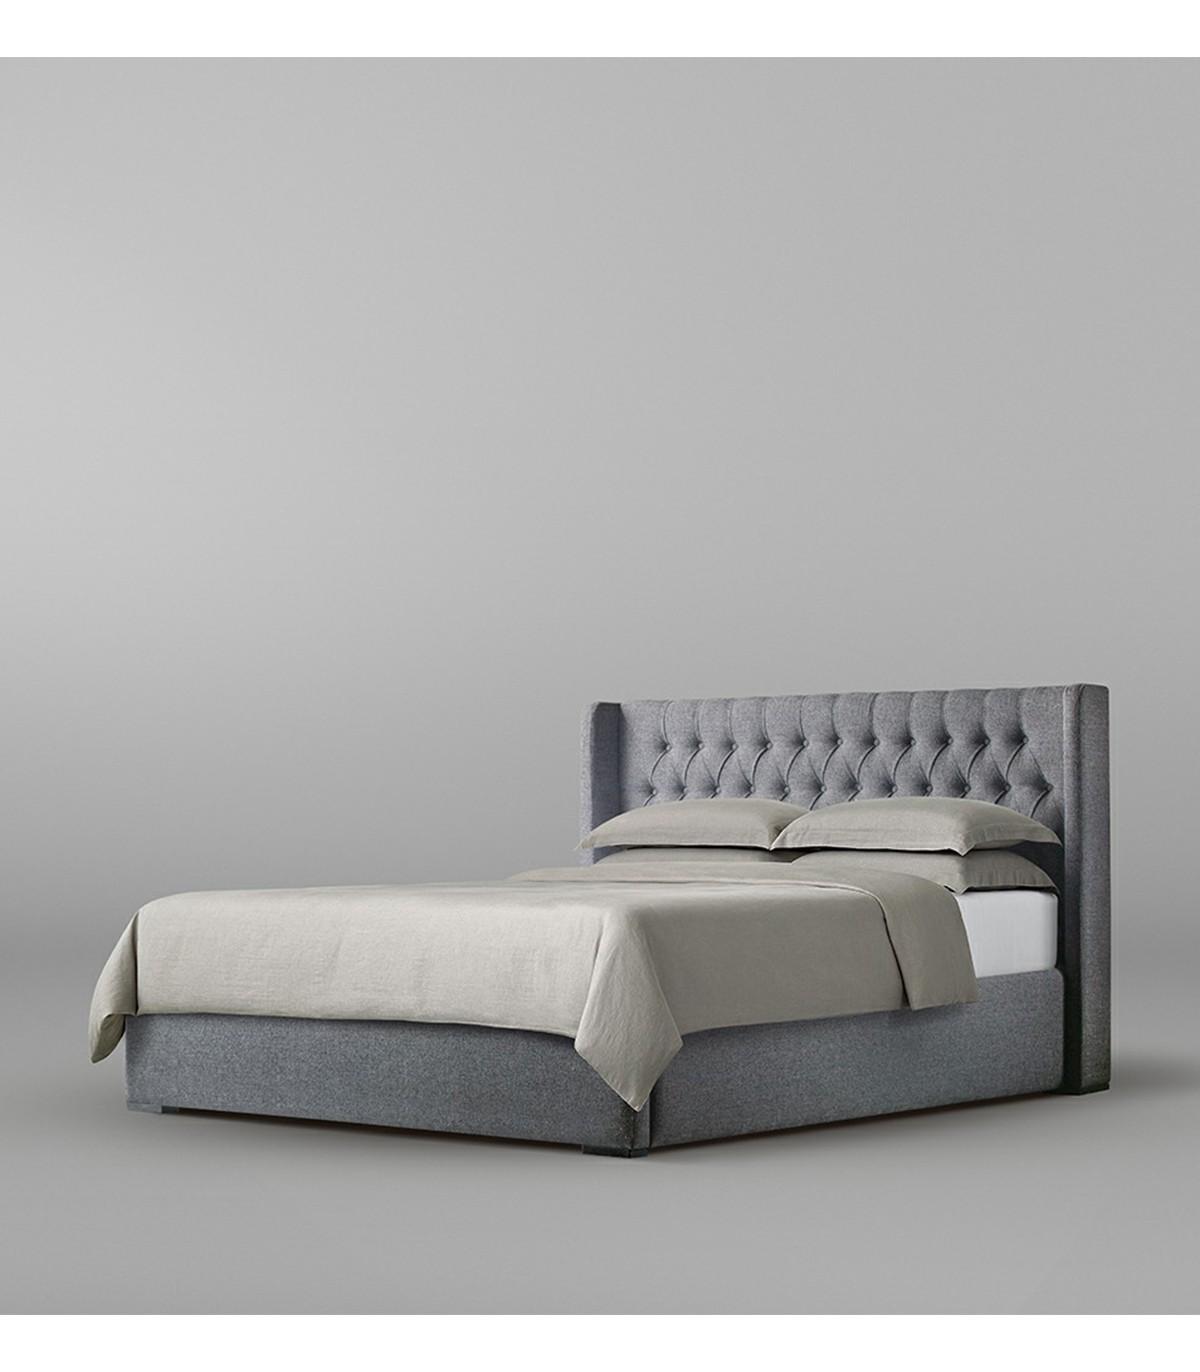 خرید سرویس خواب چوبی مدل VERTA